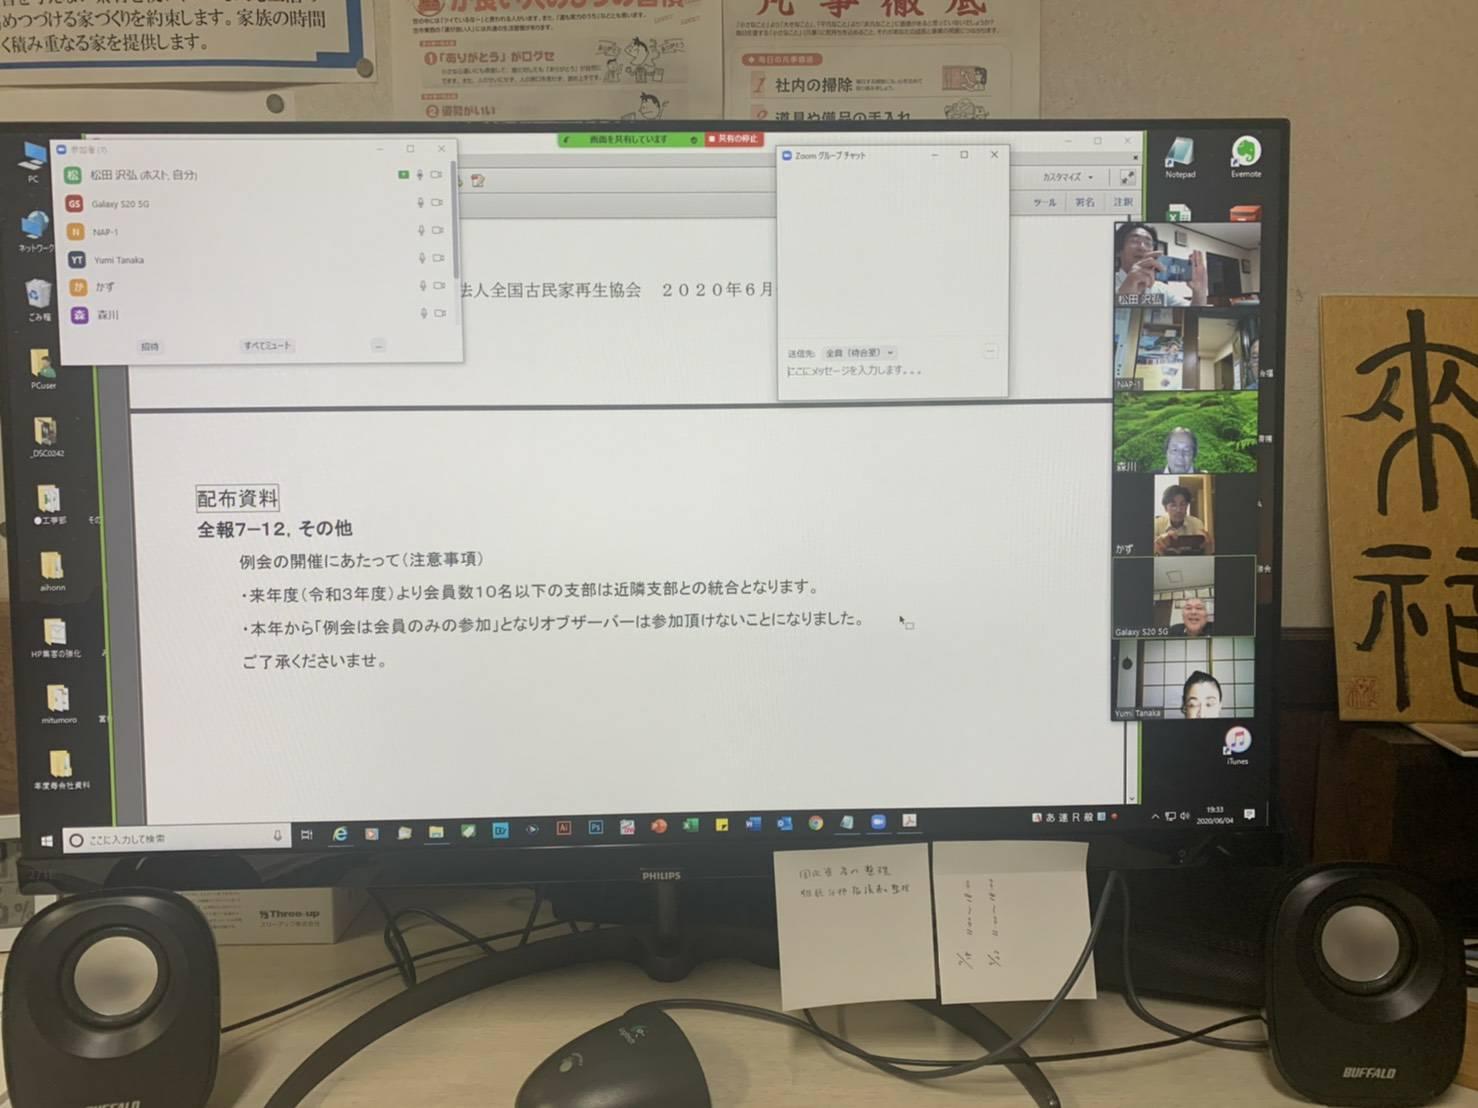 2020/06/04 福井例会